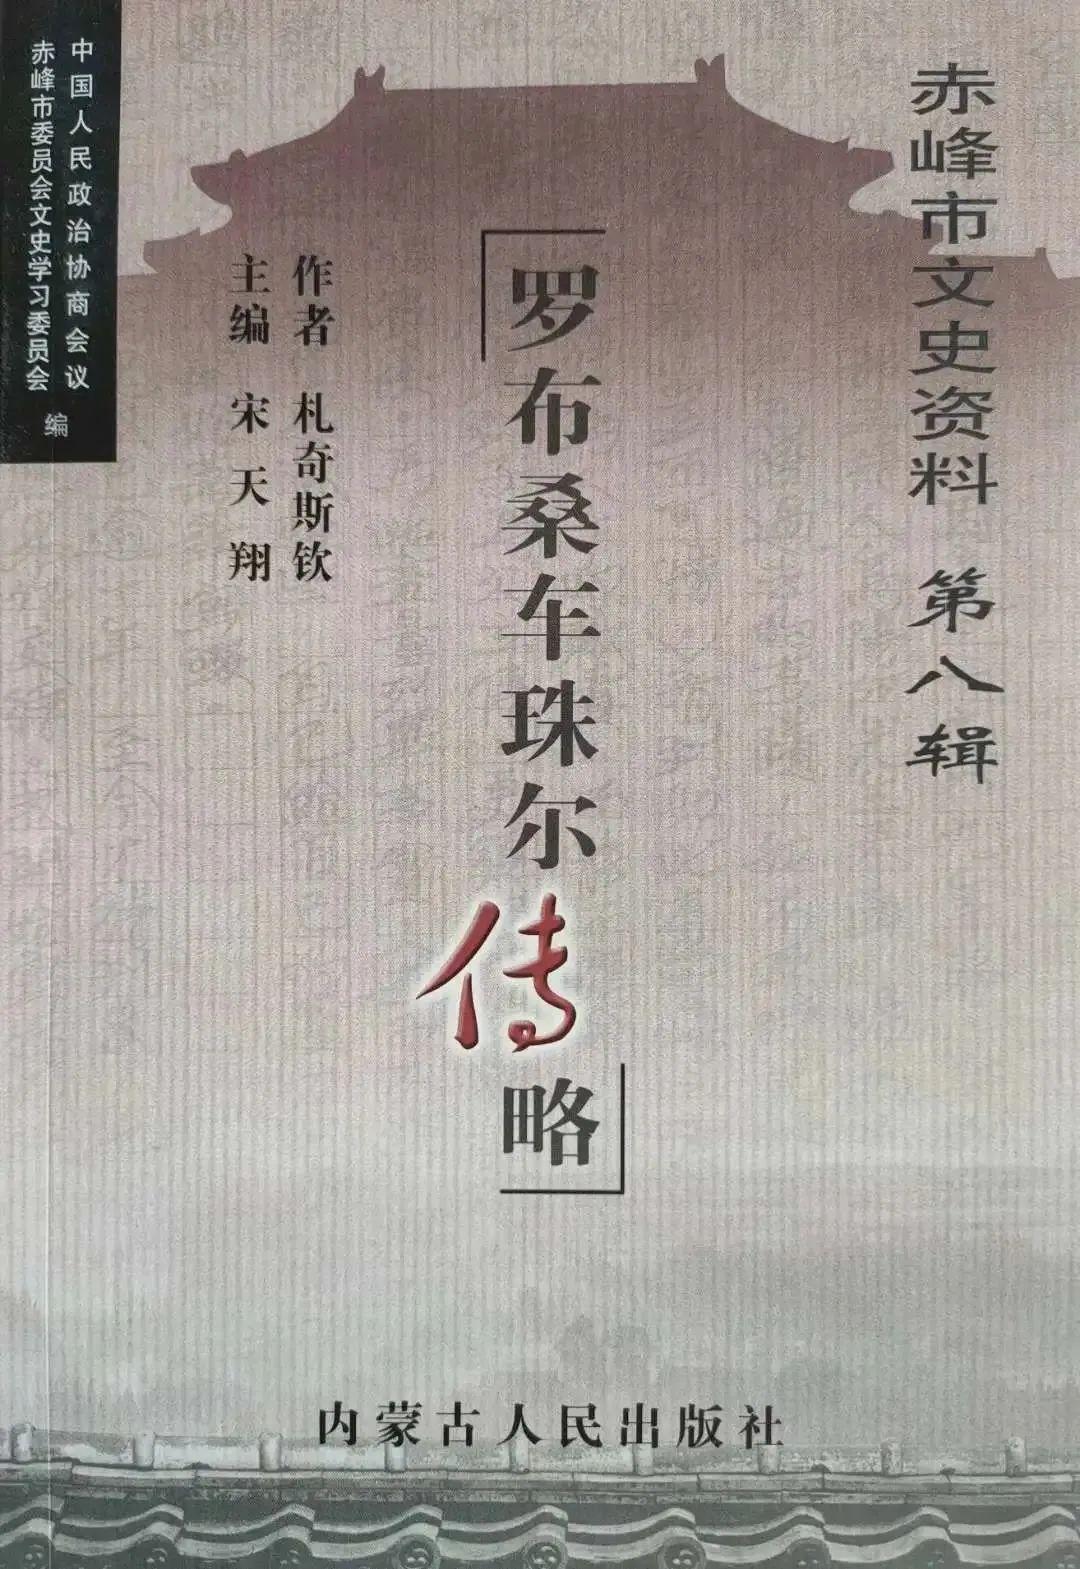 内蒙古现代美术的拓荒者乌恩 第8张